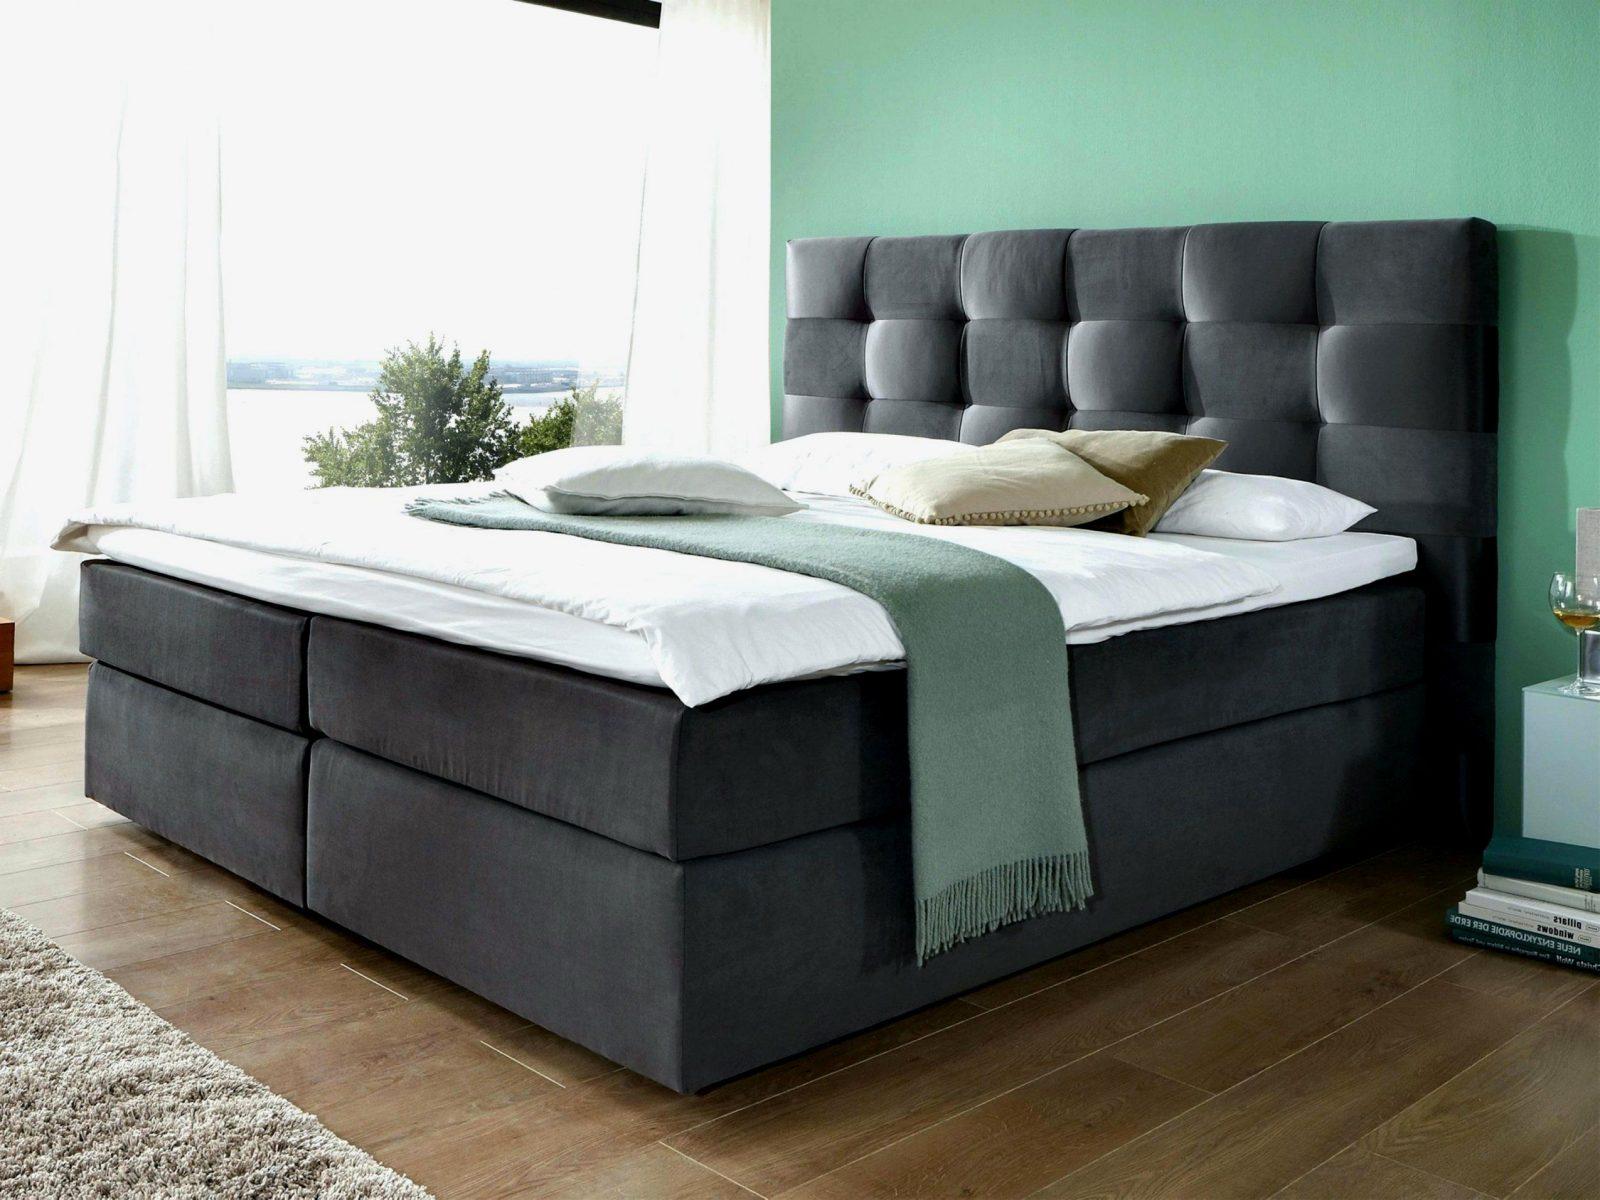 Beeindruckend Lidl Betten Bett Boxspringbett Angebot Polsterbetten von Poco Boxspringbett 299 Bild